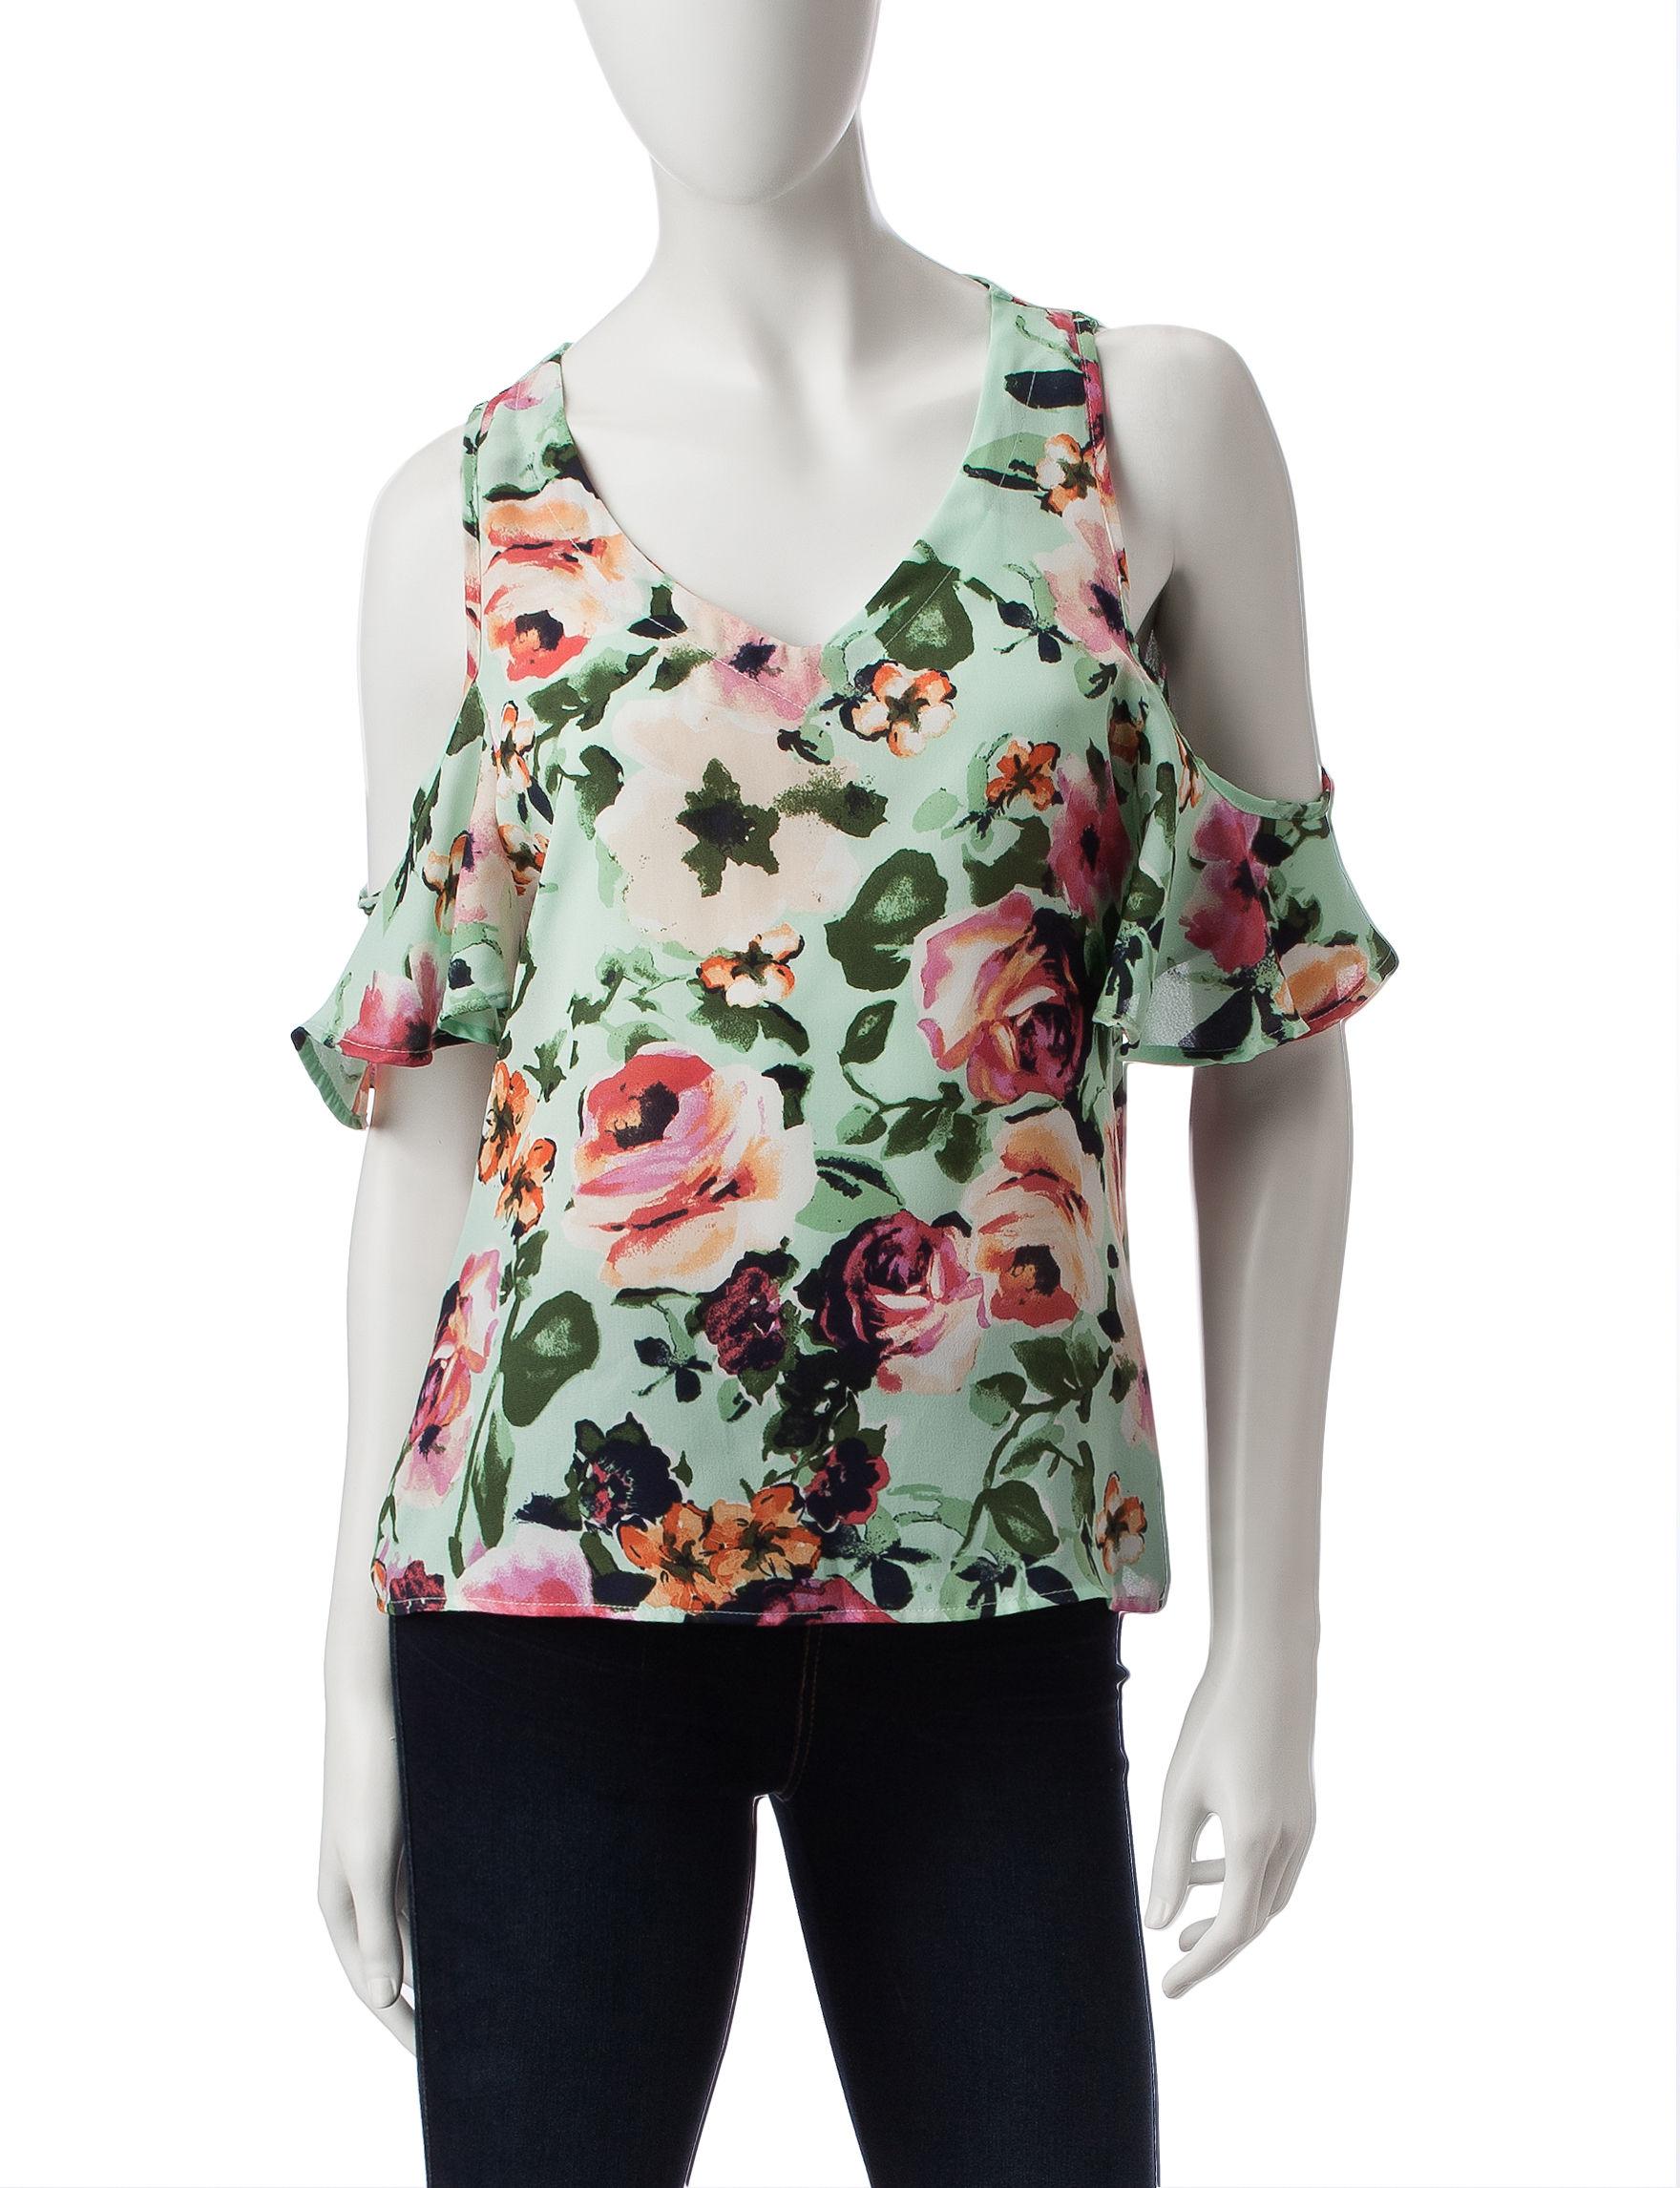 Wishful Park Mint Floral Shirts & Blouses